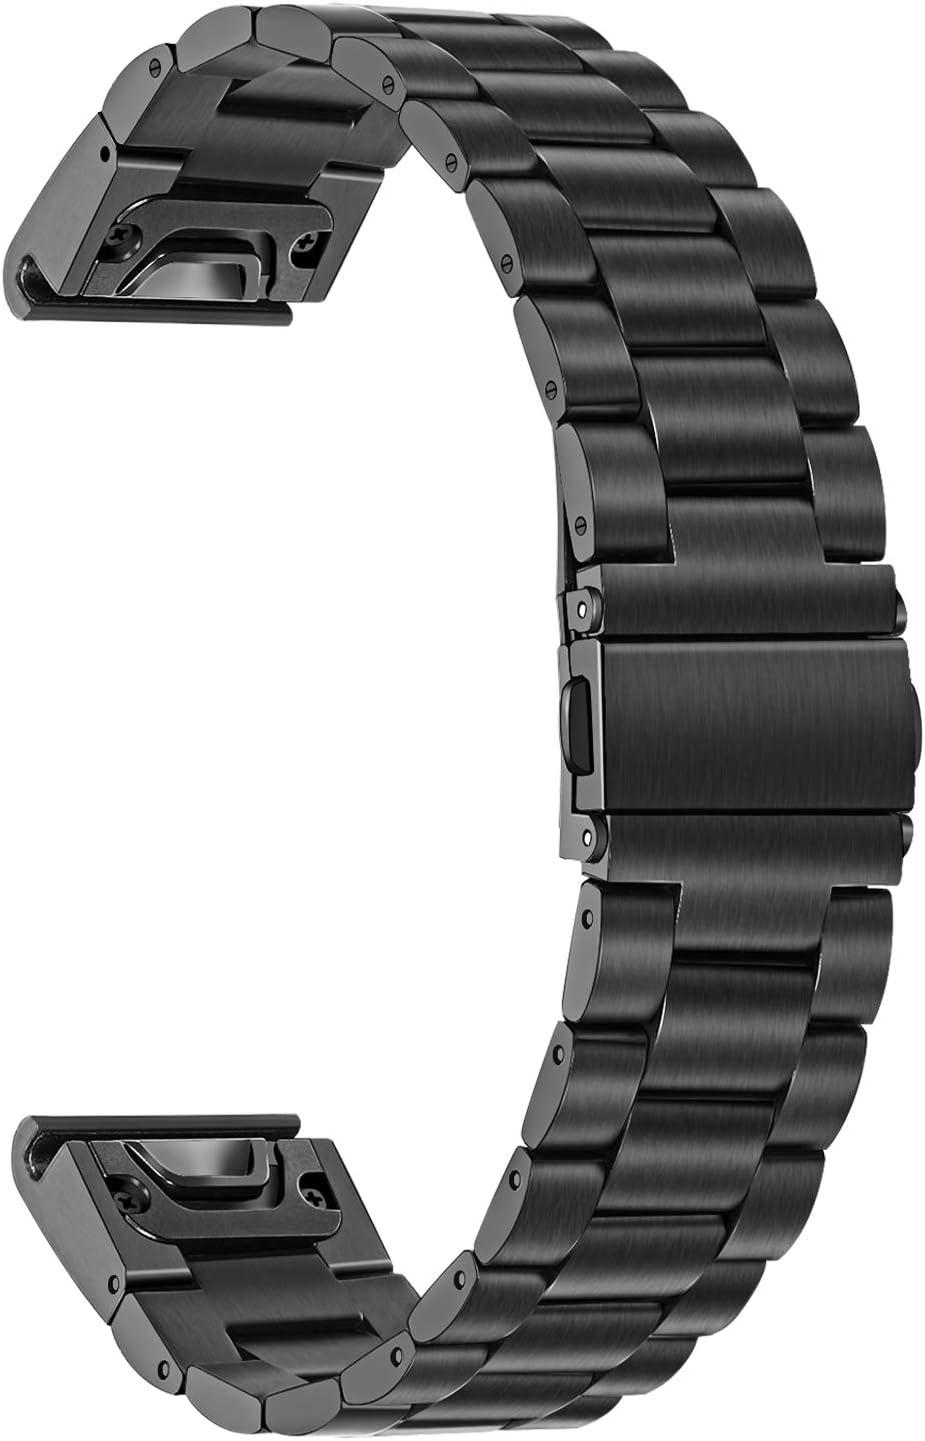 TRUMiRR Compatible Garmin Fenix 5 Bandas de Reloj, 22mm Correa de Reloj de Metal de Acero Inoxidable Quick Release Easy Fit Banda de Reloj para Garmin Fenix 5 Plus/Forerunner 935/Approach S60